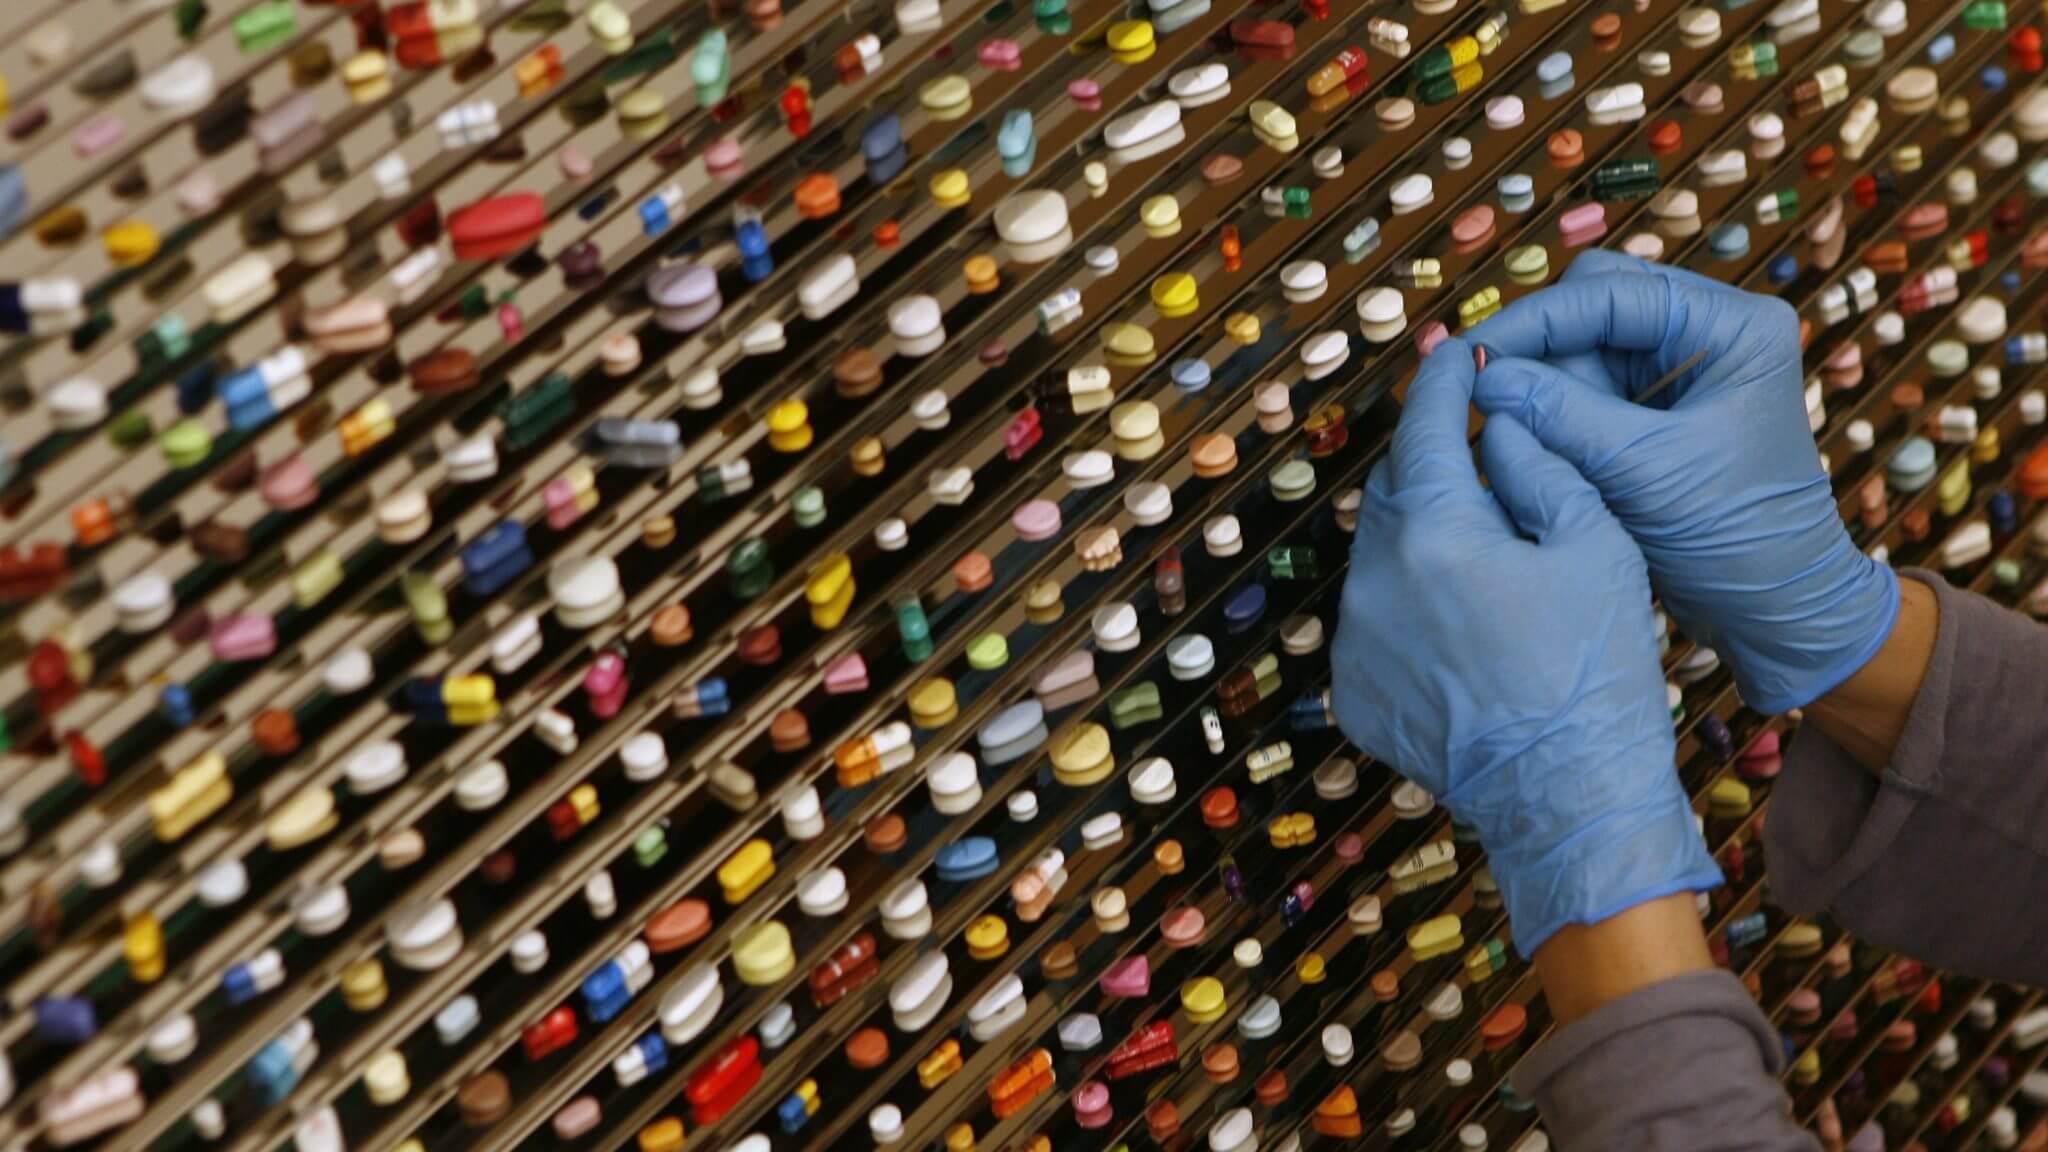 La pastilla anticonceptiva masculina puede estar más cerca de lo que piensas